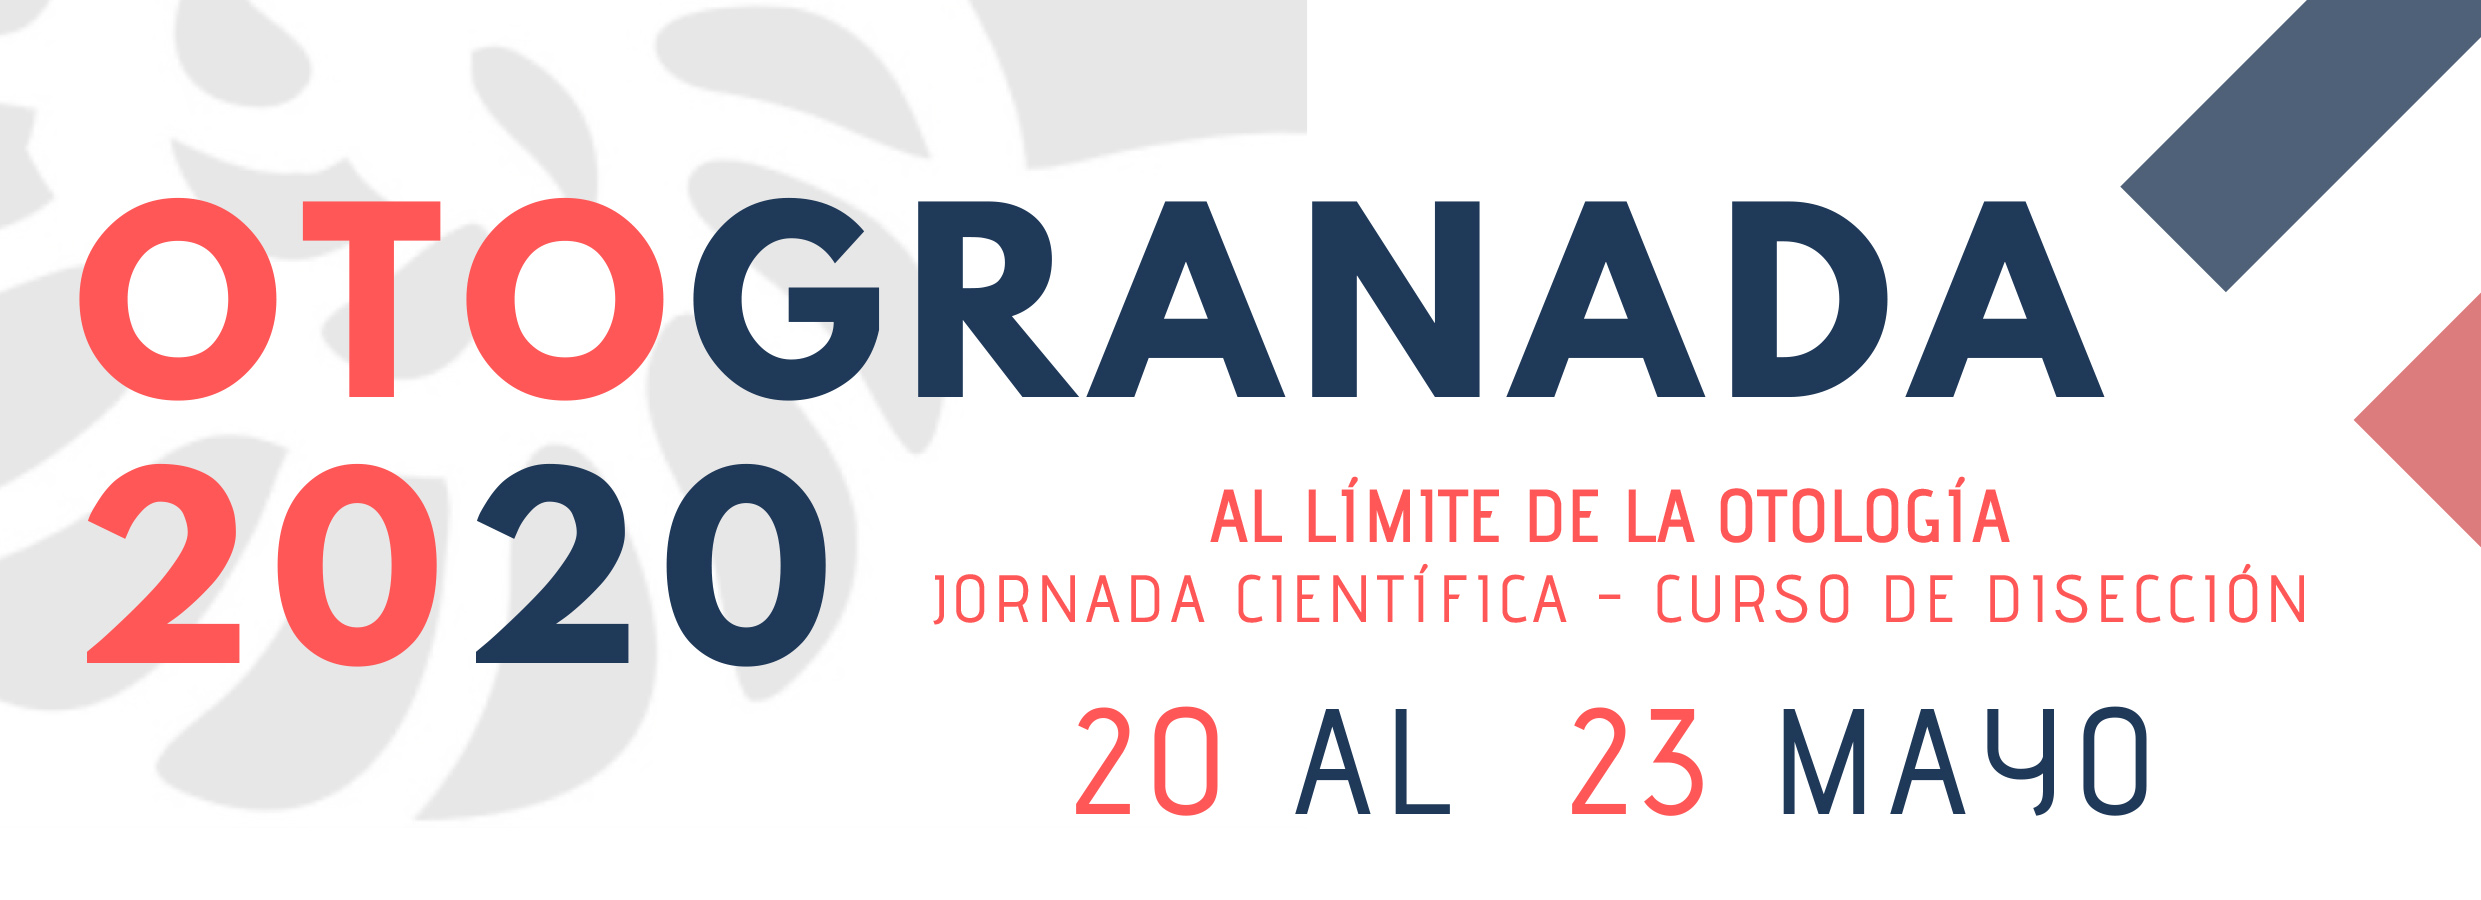 OTO GRANADA 2020